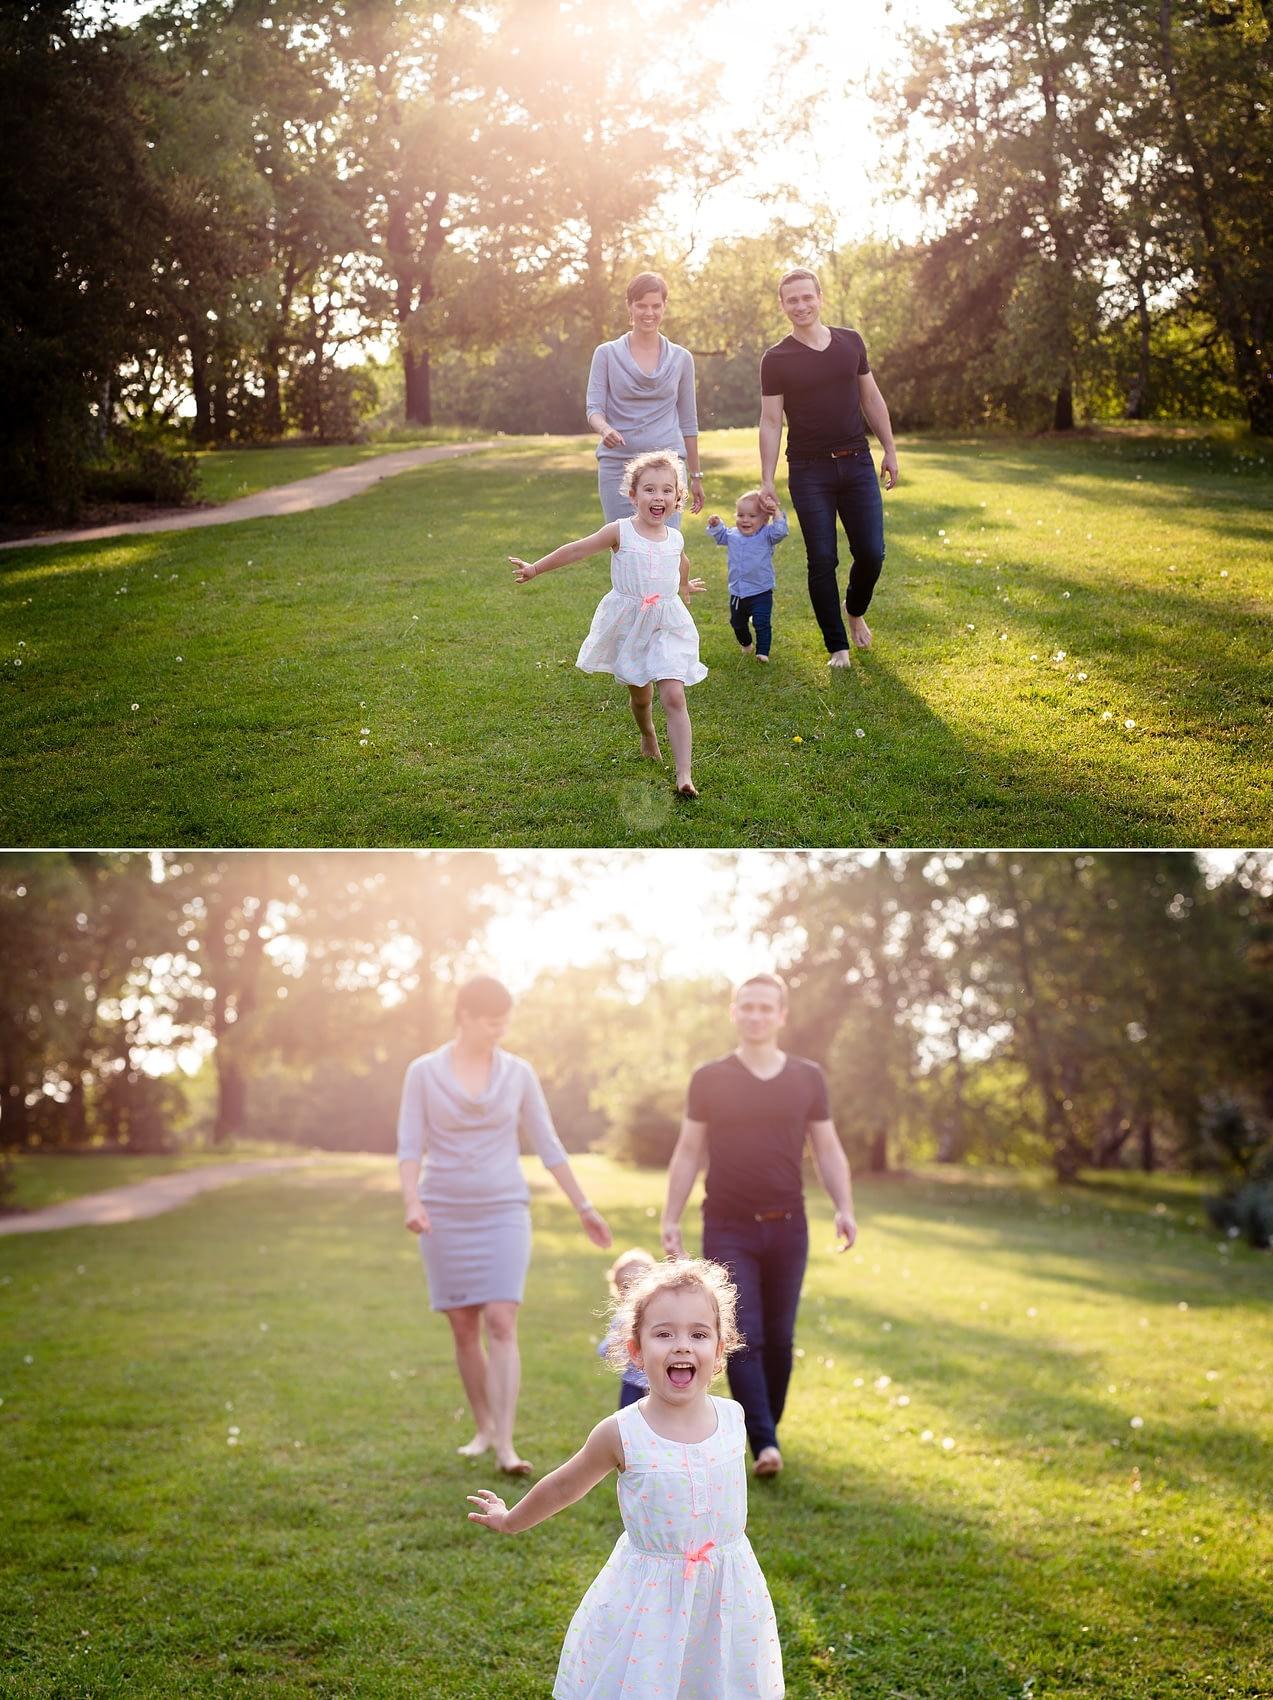 Focení rodin v přírodě v Dendrologické zahradě, Foceni rodin Praha